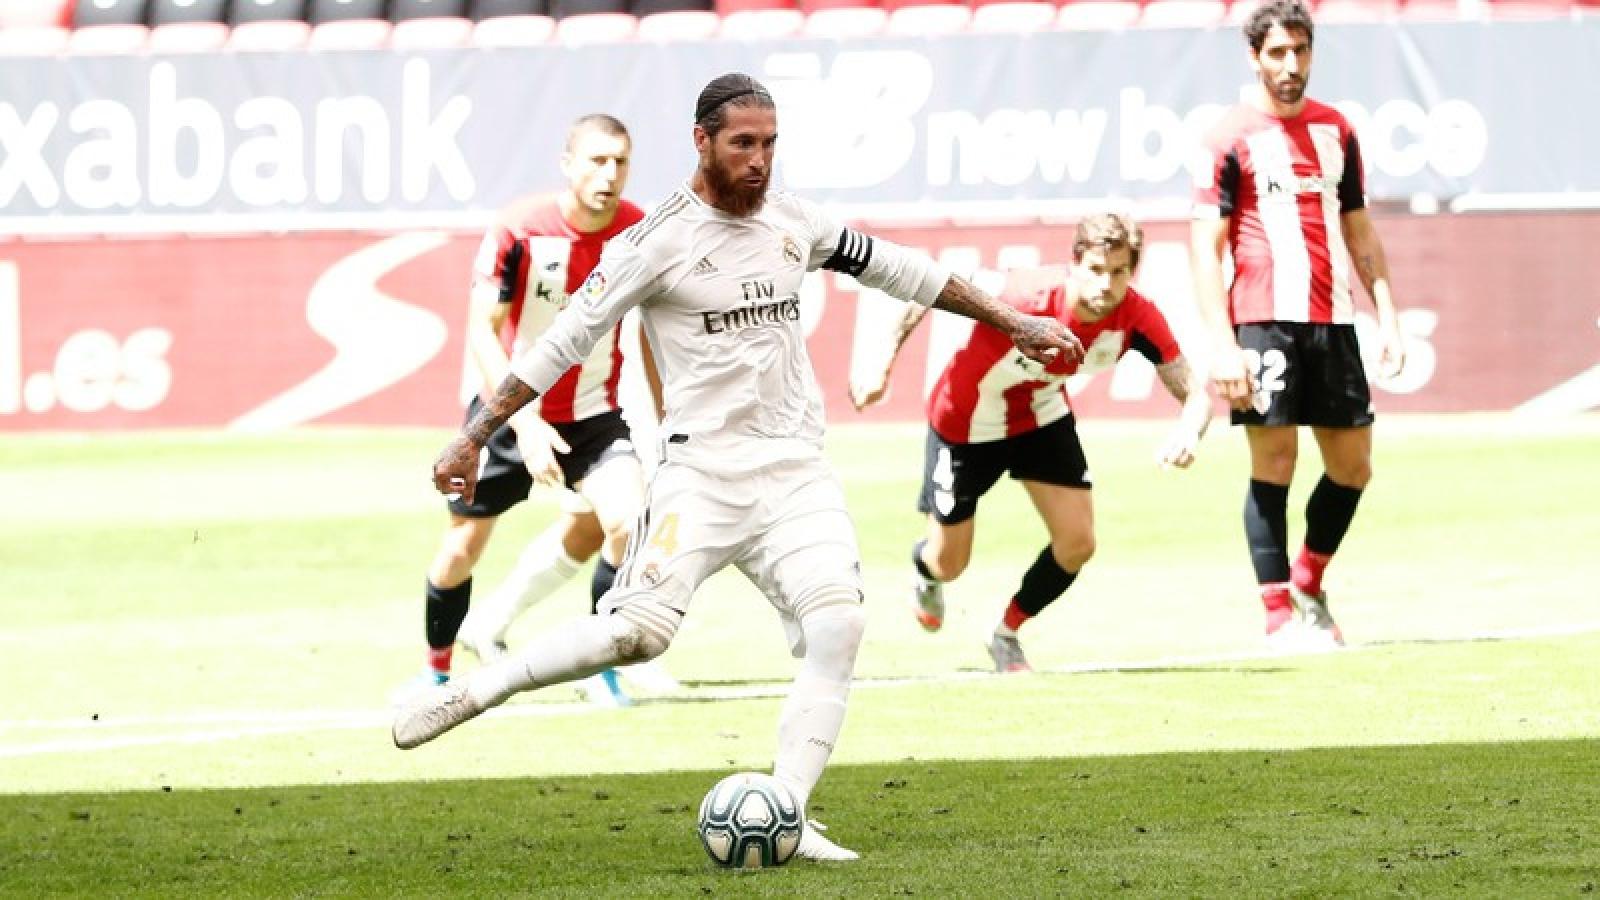 Đánh bại Bilbao, Real Madrid hơn kình địch Barca tới 7 điểm